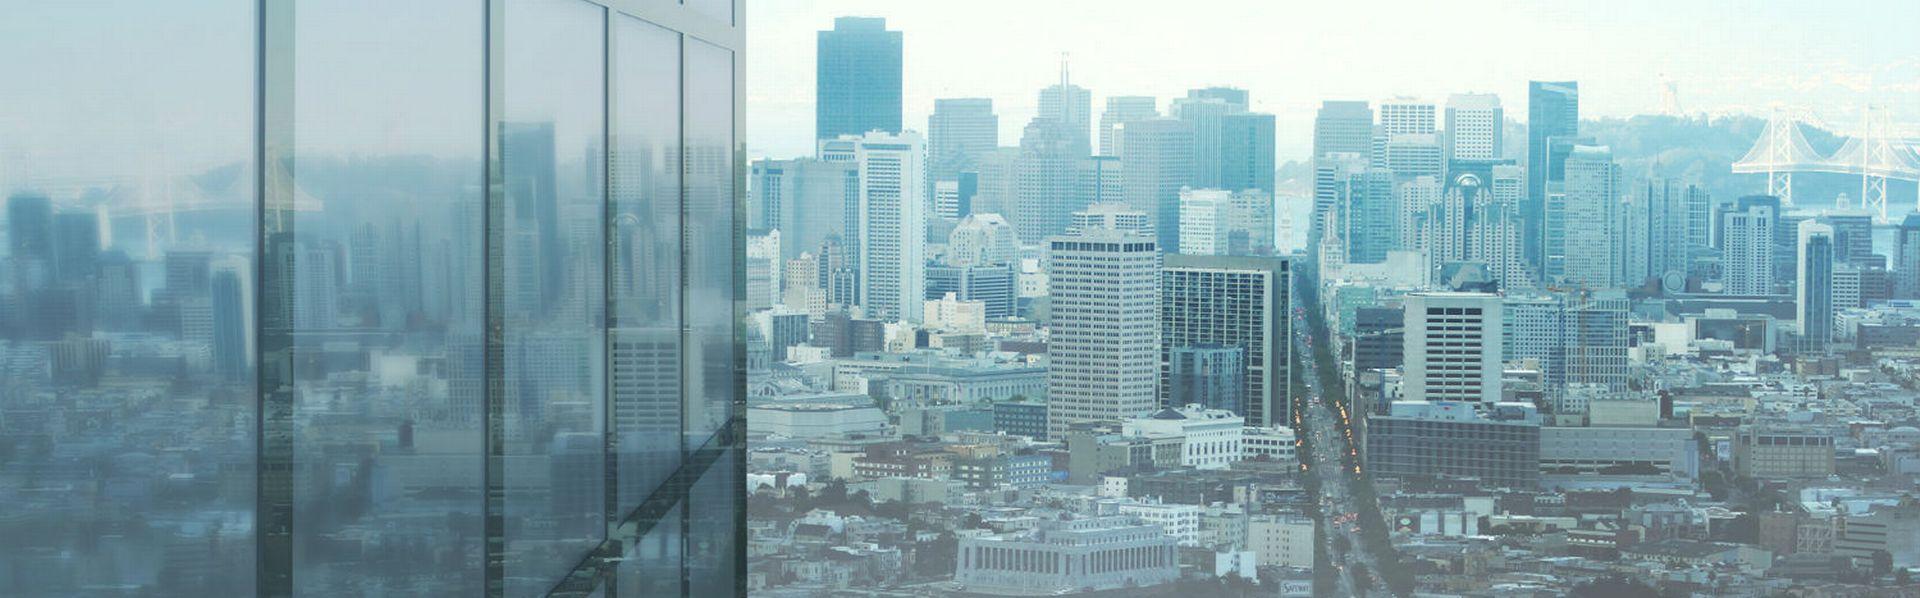 Le dossier sur les villes et la mondialisation de RTS Découverte. [© peshkova - Fotolia]